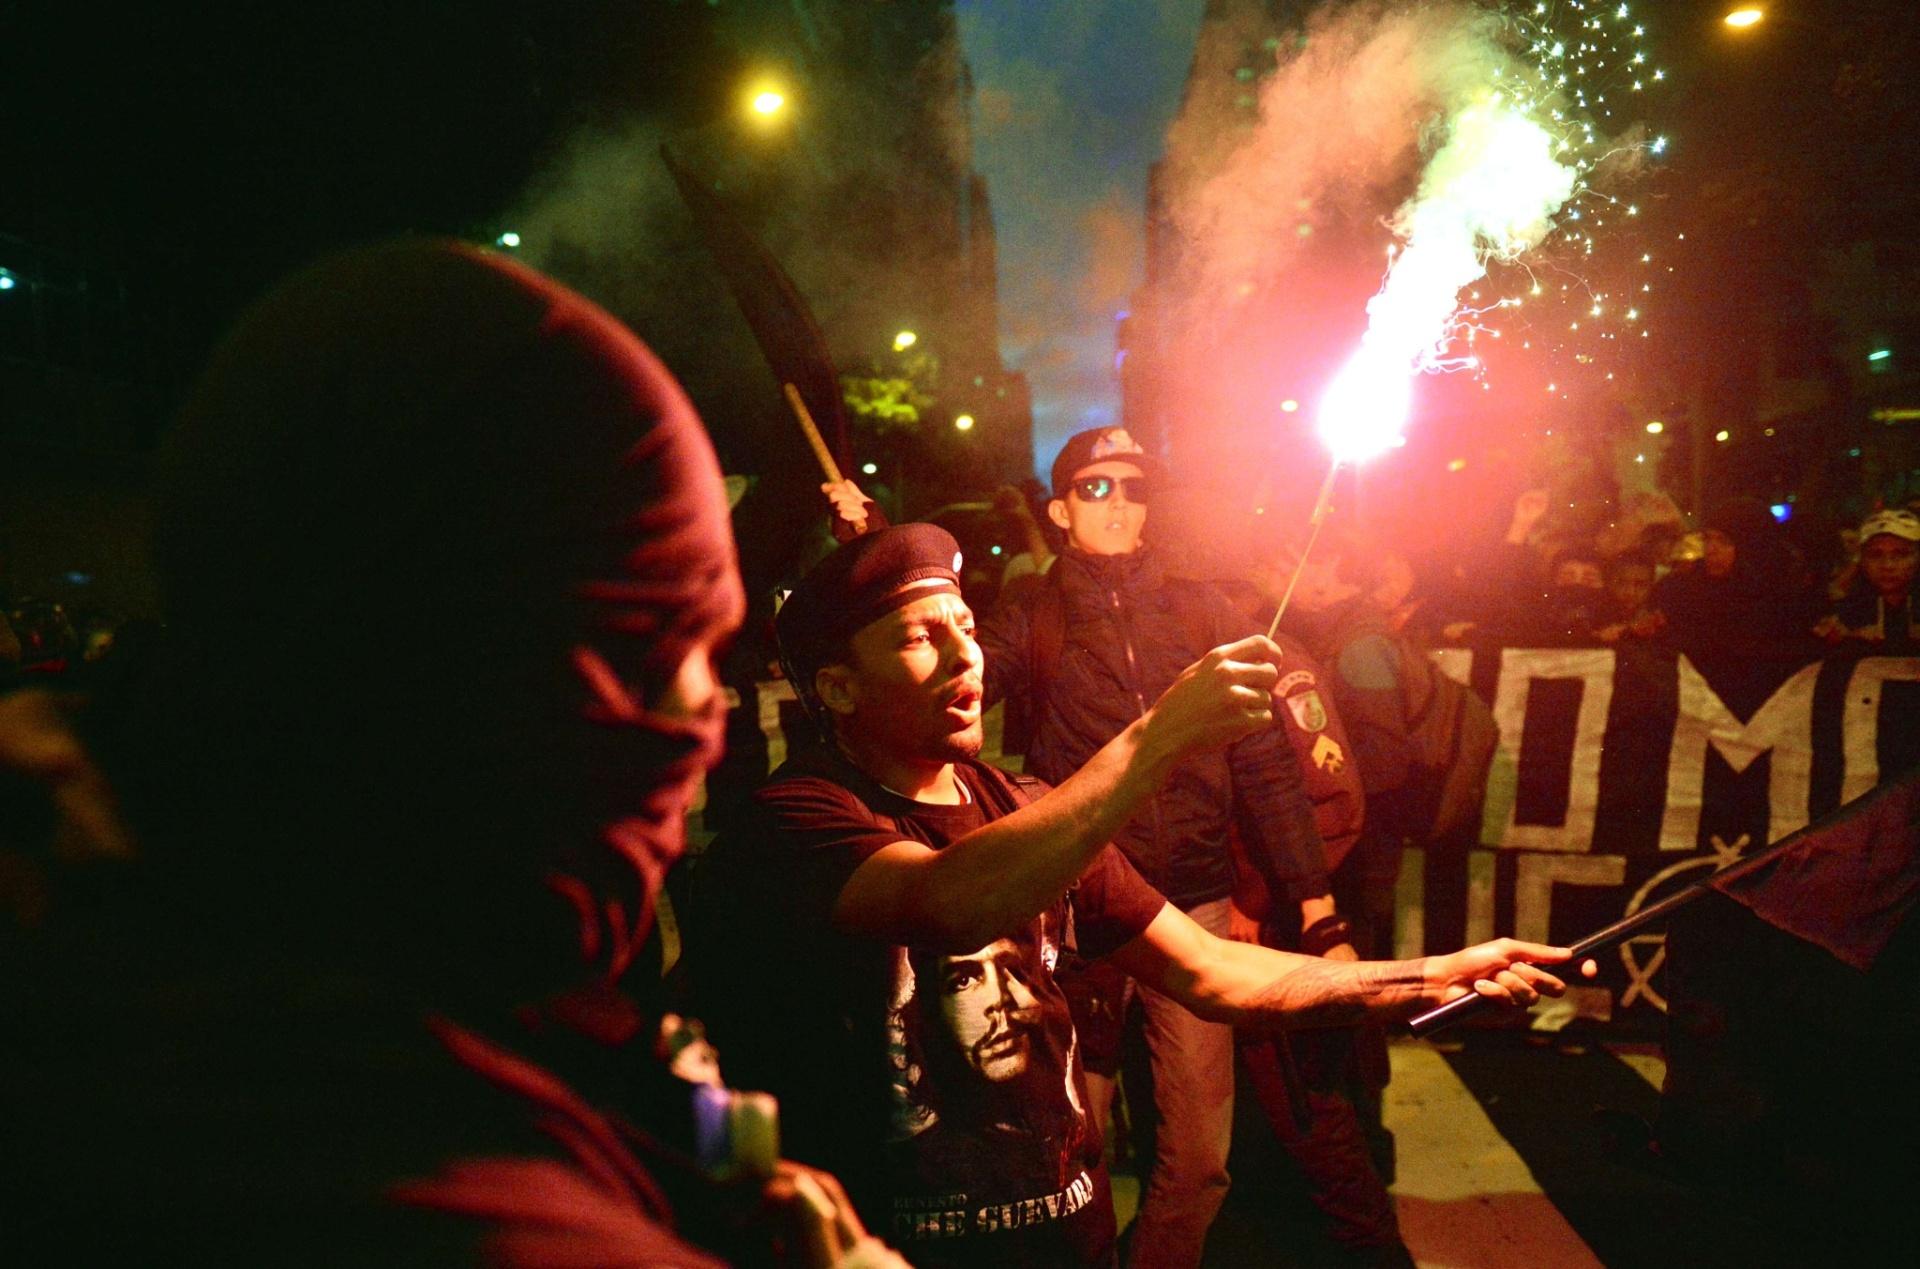 5.nov.2013 - Manifestantes participam de mobilização pelo Dia Mundial de Guy Fawkes, no Rio de Janeiro, nesta terça-feira (5). A manifestação foi convocada pelos grupos Anonymous e Black Bloc através das redes sociais, que nomearam o movimento como Dia Mundial da Resistência e Rebelião Popular. Guy Fawkes e outros revolucionários católicos foram condenados à morte após uma tentativa fracassada, em 5 de novembro de 1605, de explodir Parlamento inglês e tomar o poder na Inglaterra